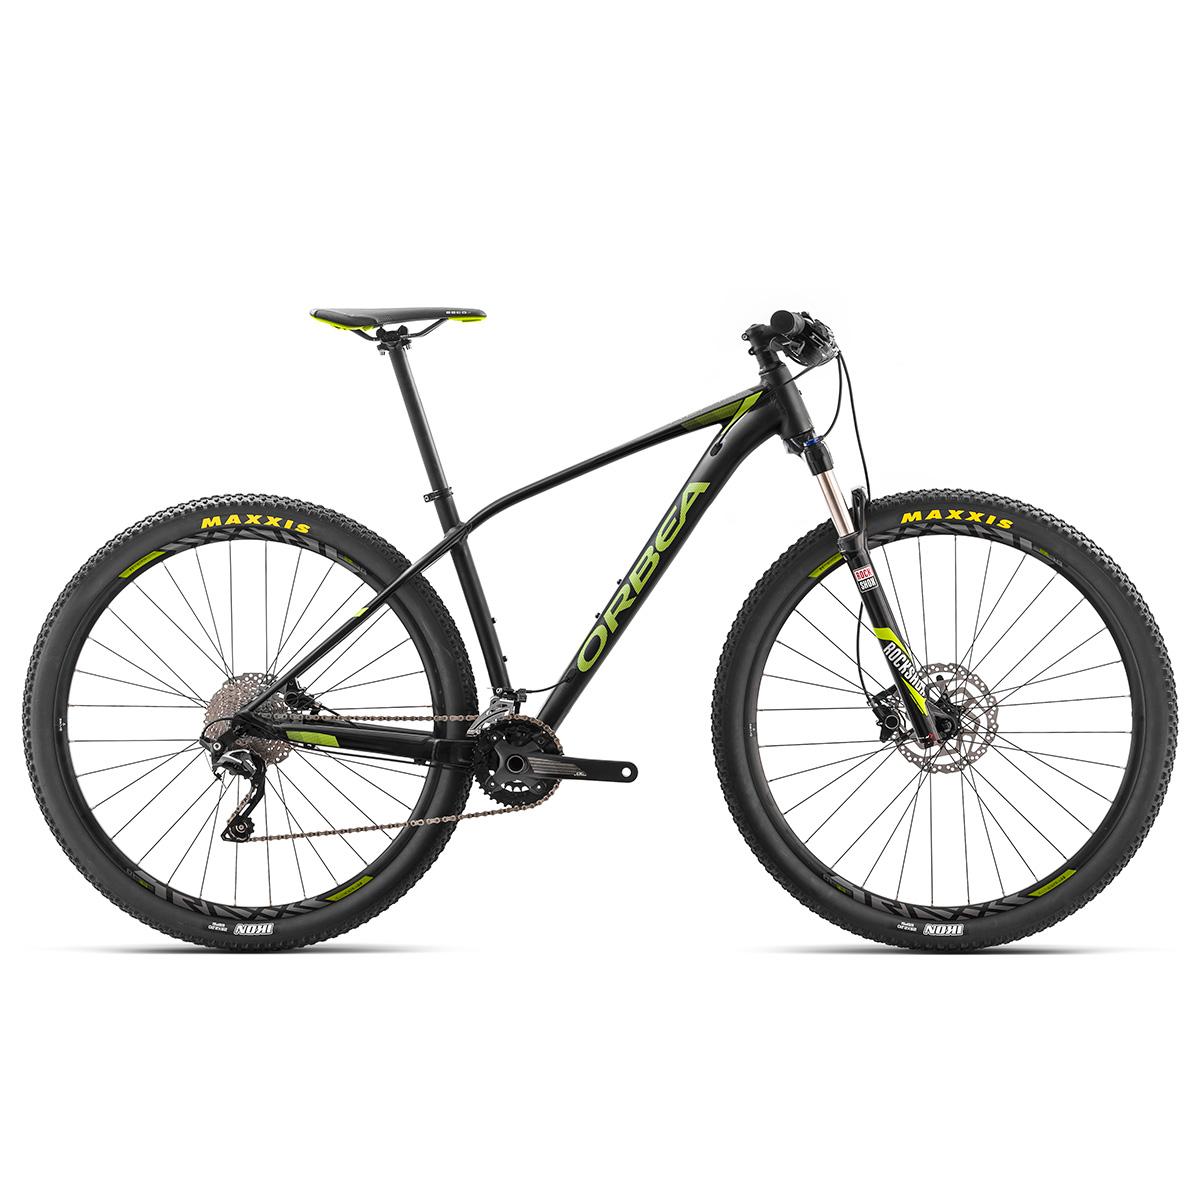 Image of   Orbea Alma H50 mountainbike med 20 gear - Sort/grøn